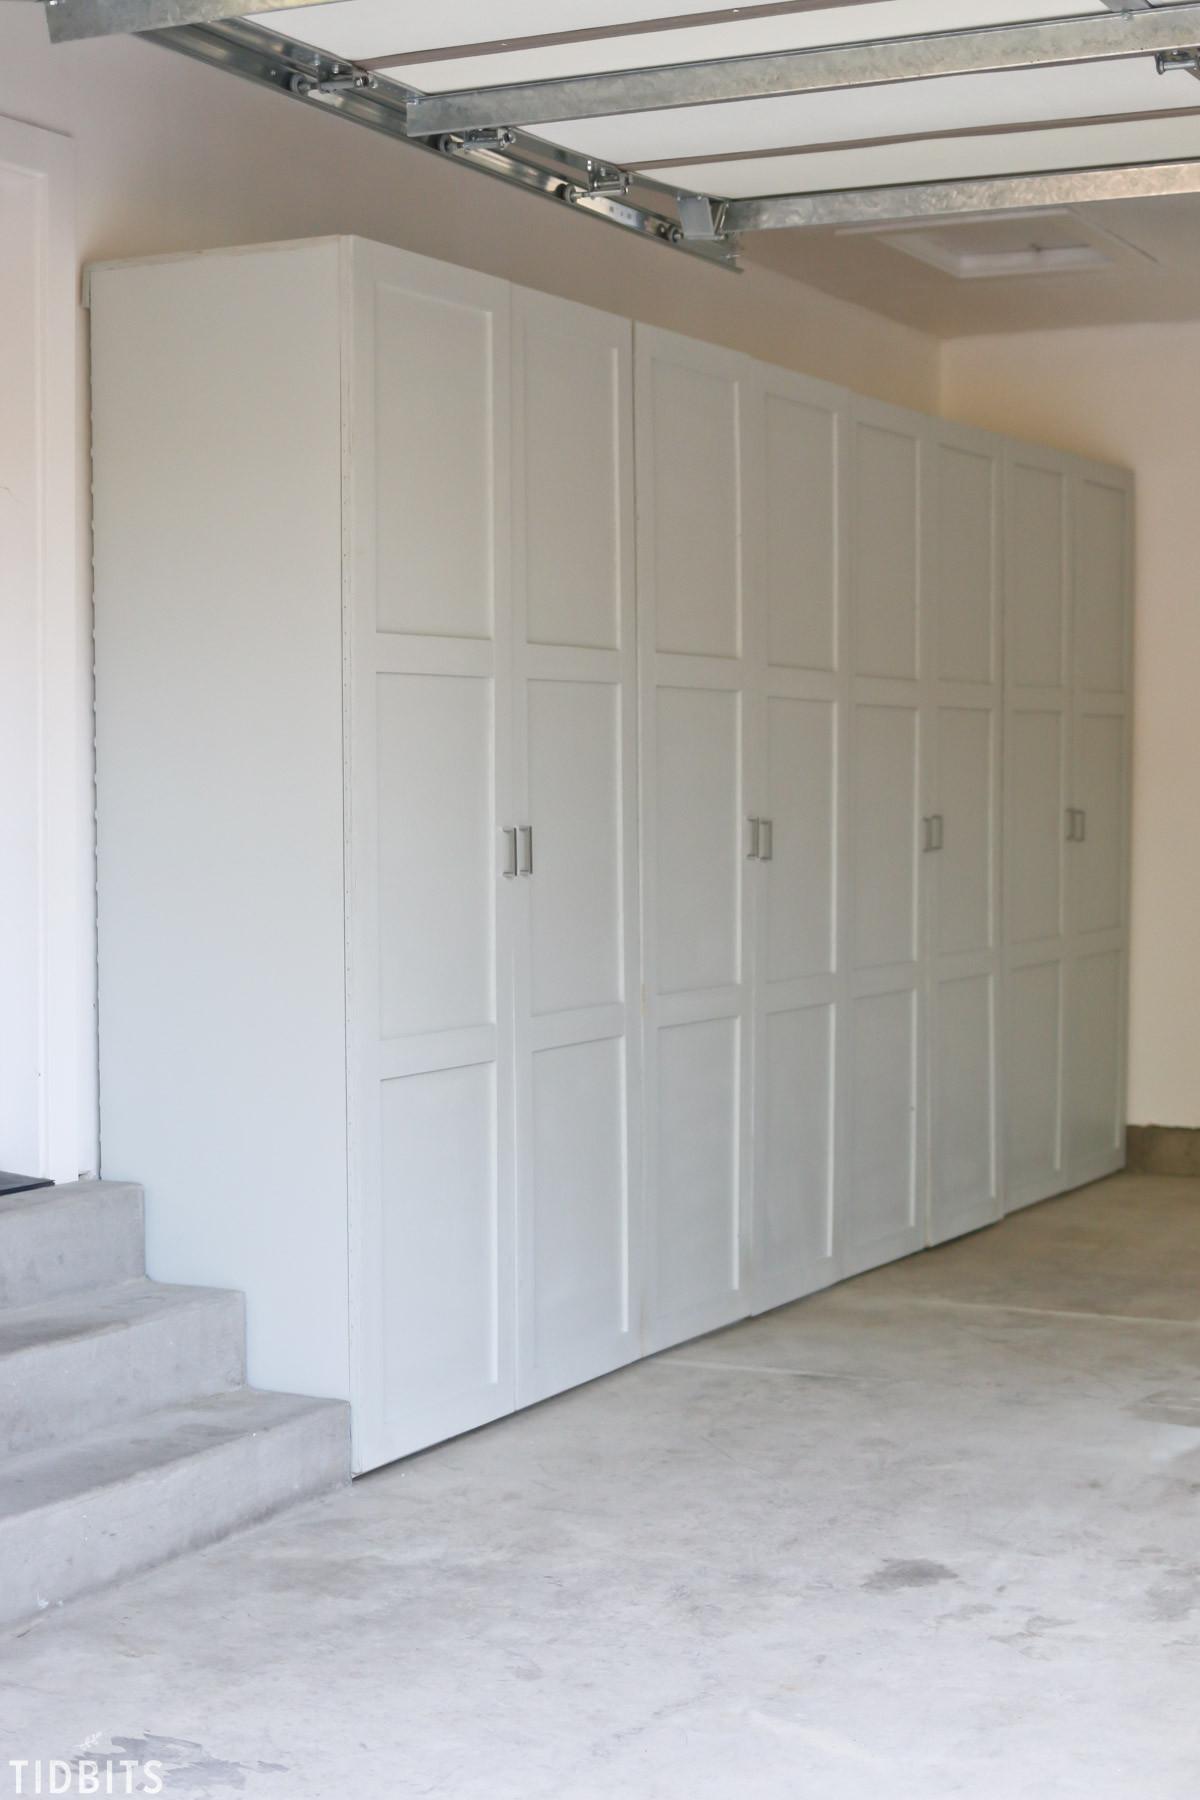 Best ideas about DIY Garage Storage Cabinet . Save or Pin Garage Storage Cabinets Now.